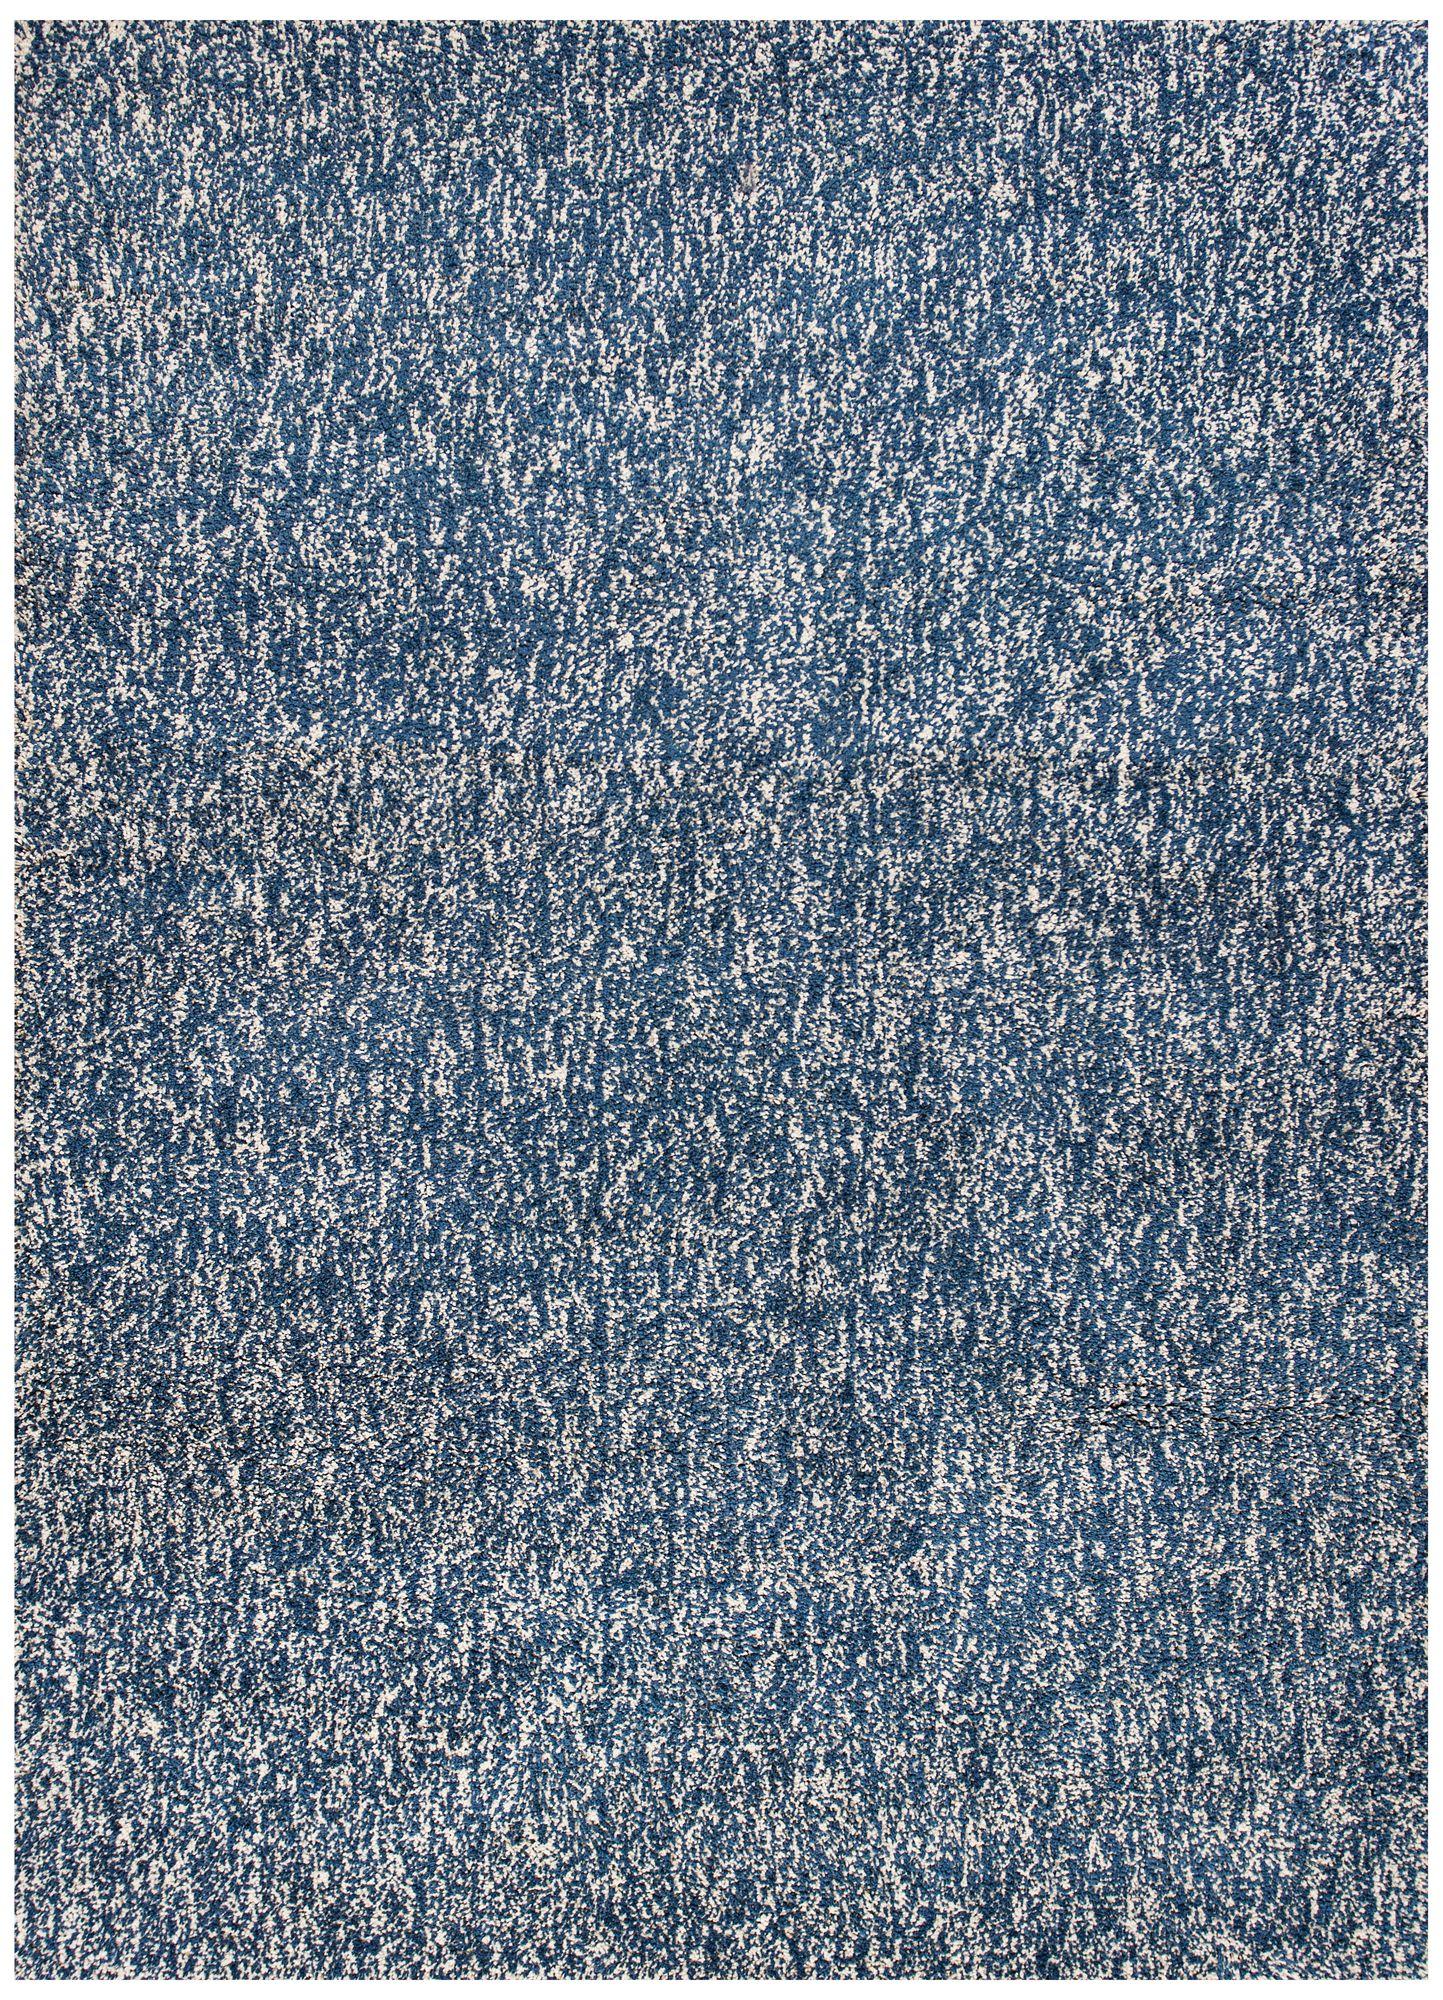 bliss indigo and ivory heather shag area rug